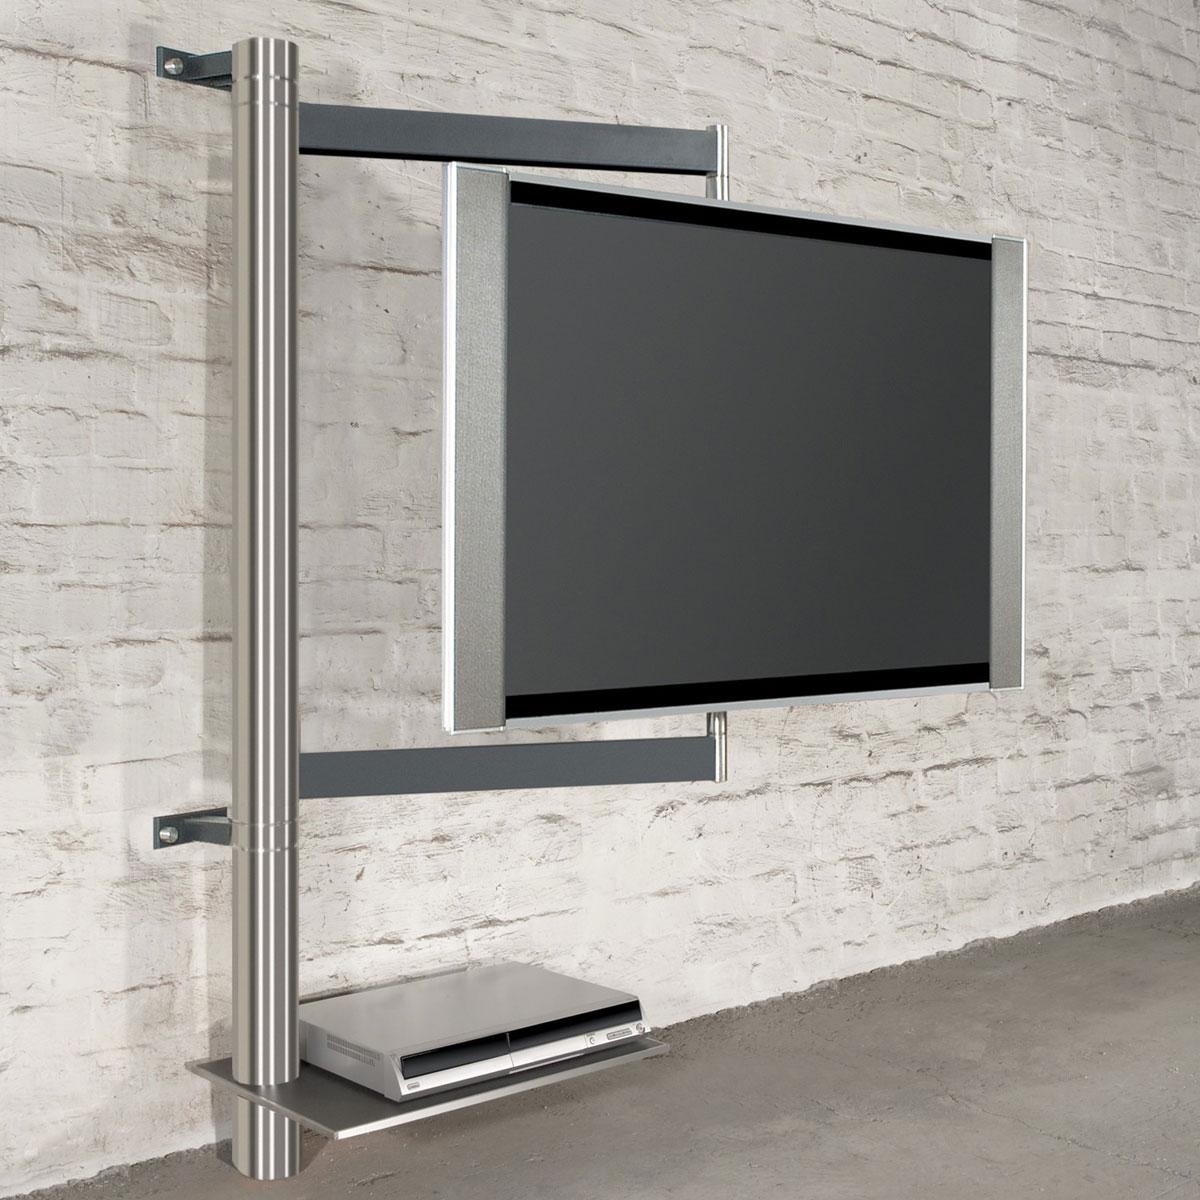 Fernseher Im Schlafzimmer Verstecken fernseher im schlafzimmer integrieren ideas